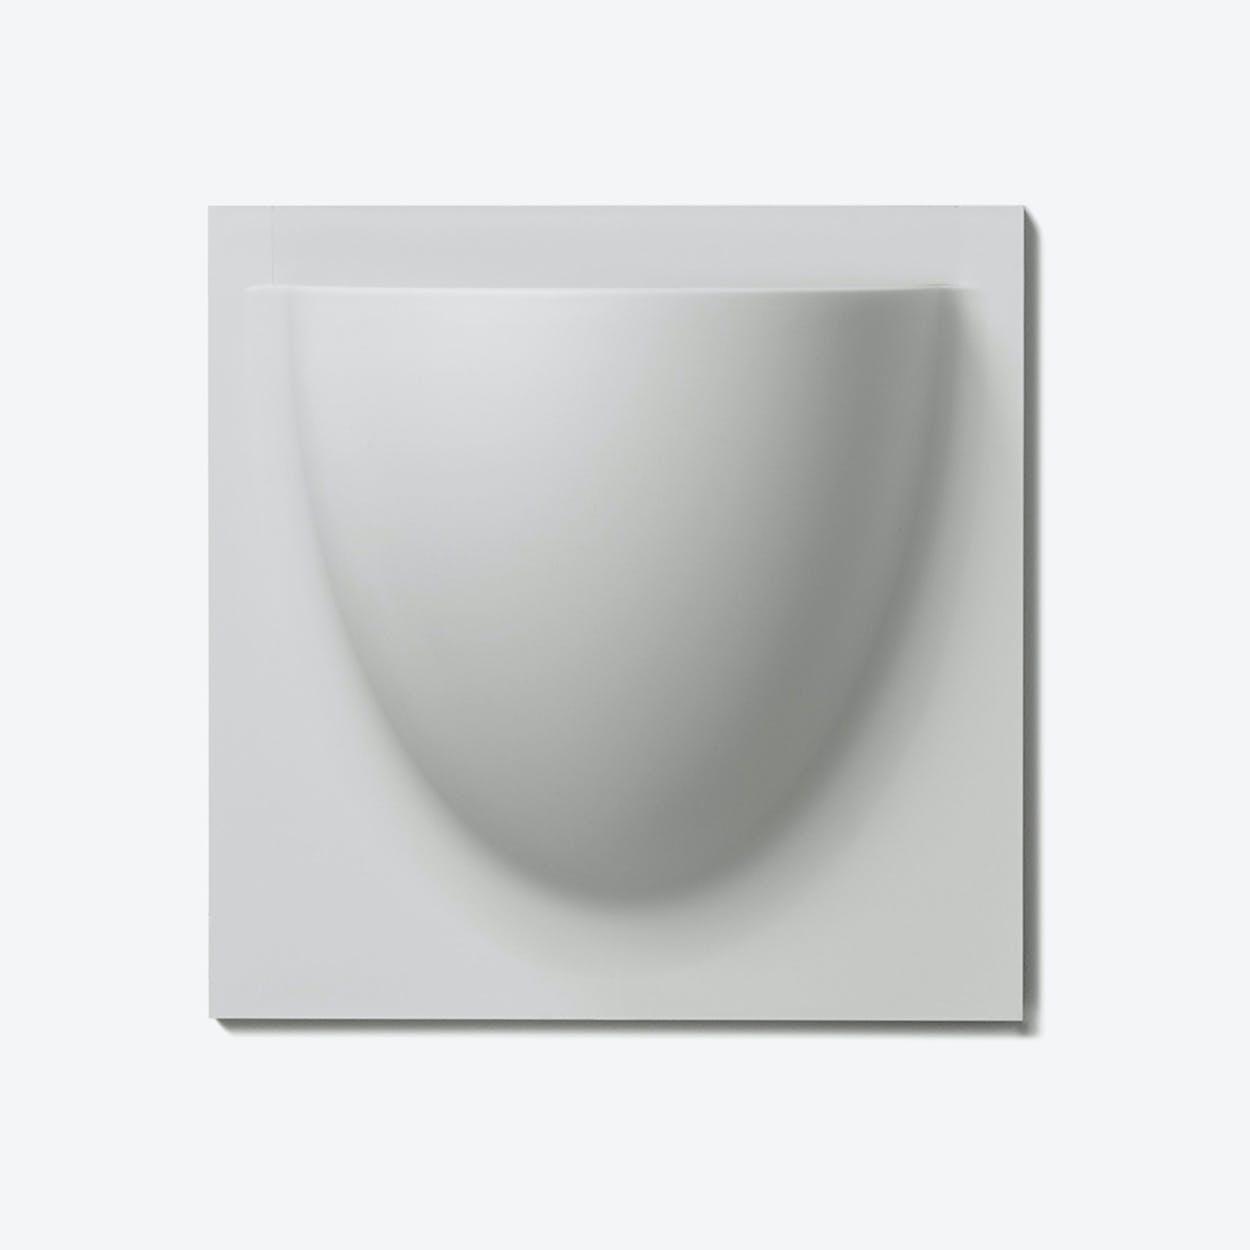 Wall Planter / Jar in Grey